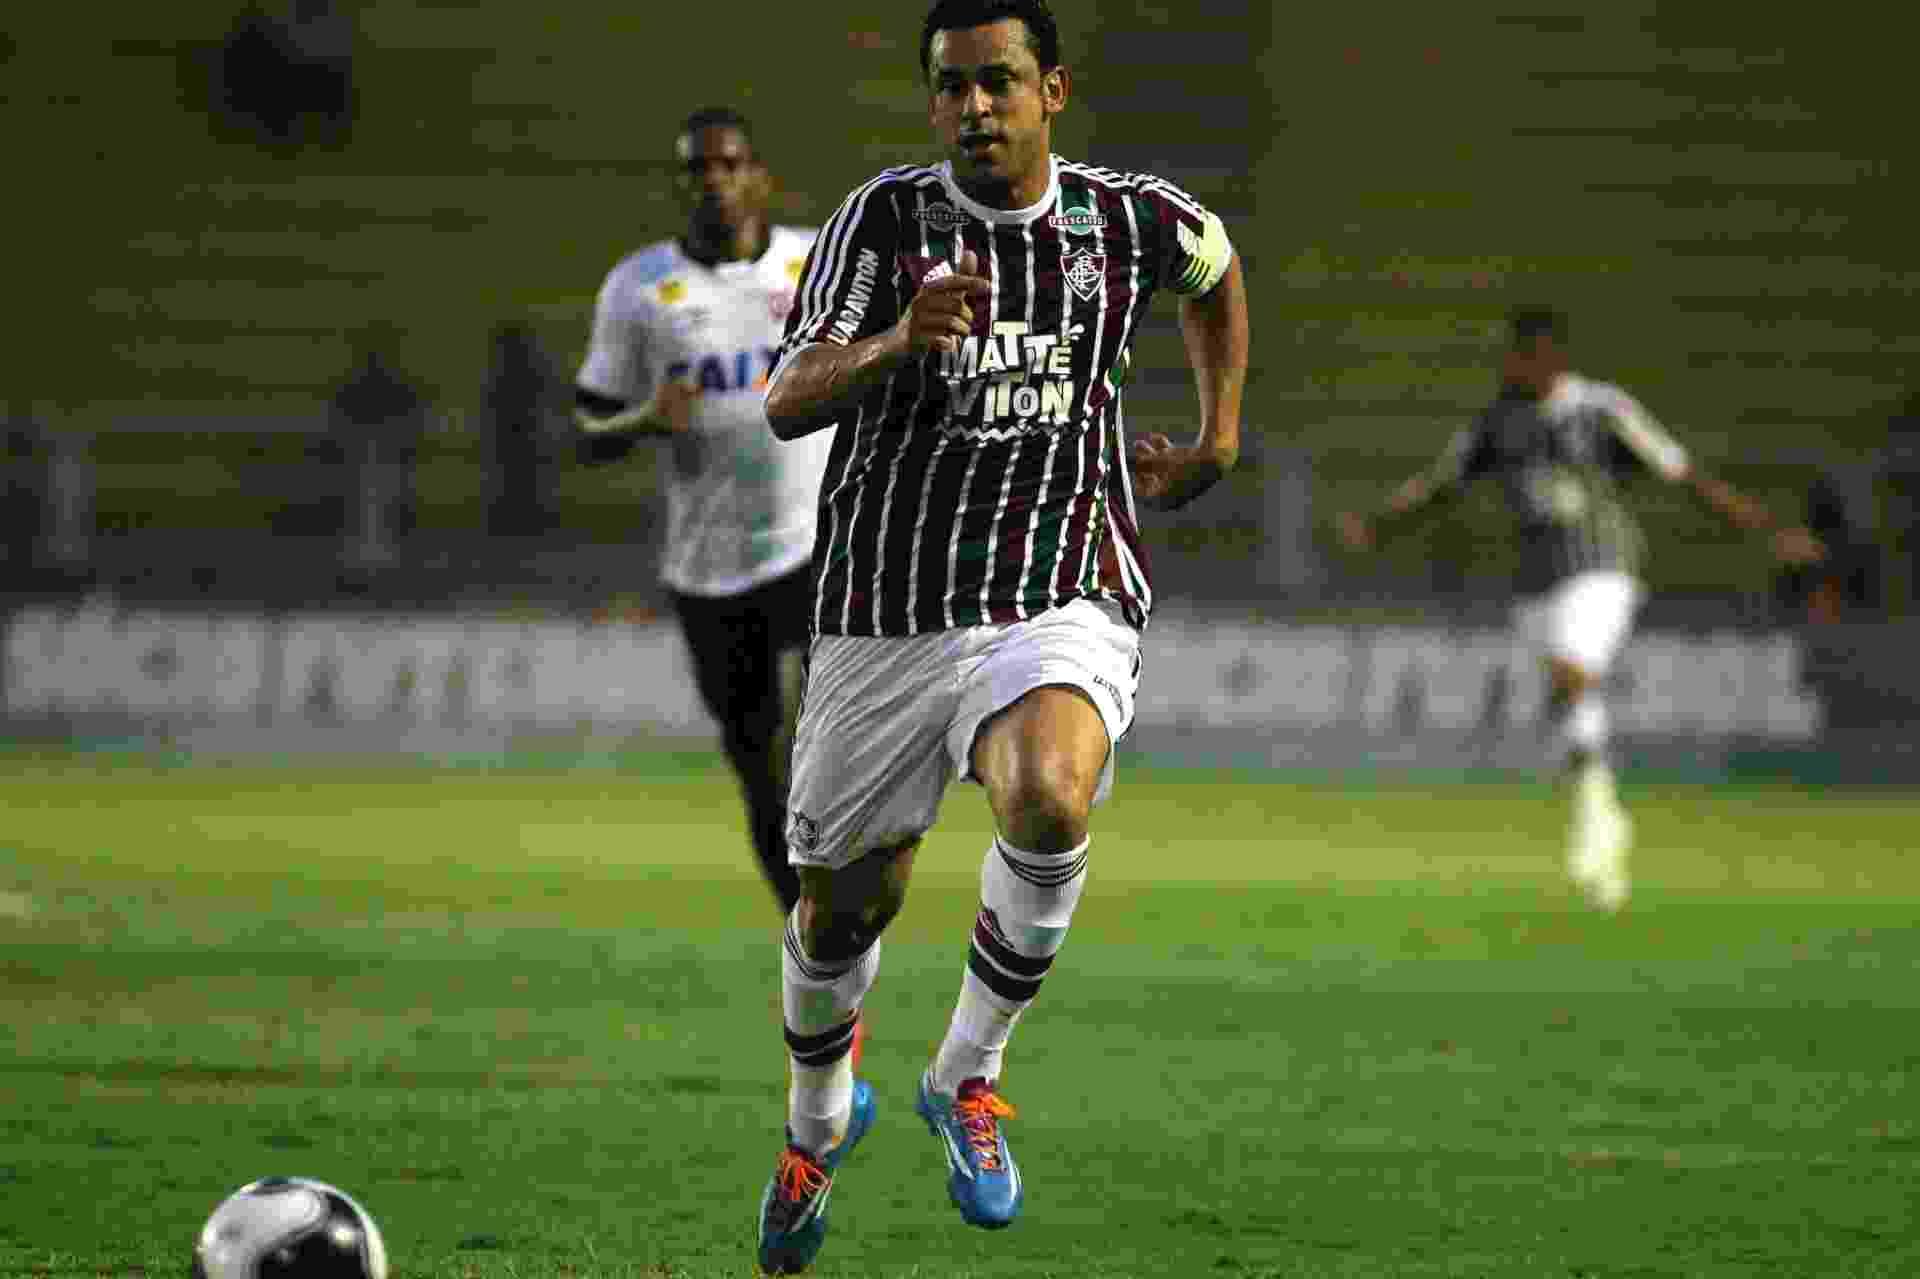 Fred corre para tentar a jogada para o Fluminense contra o Atlético-PR em jogo válido pela Primeira Liga - NELSON PEREZ/FLUMINENSE F.C.